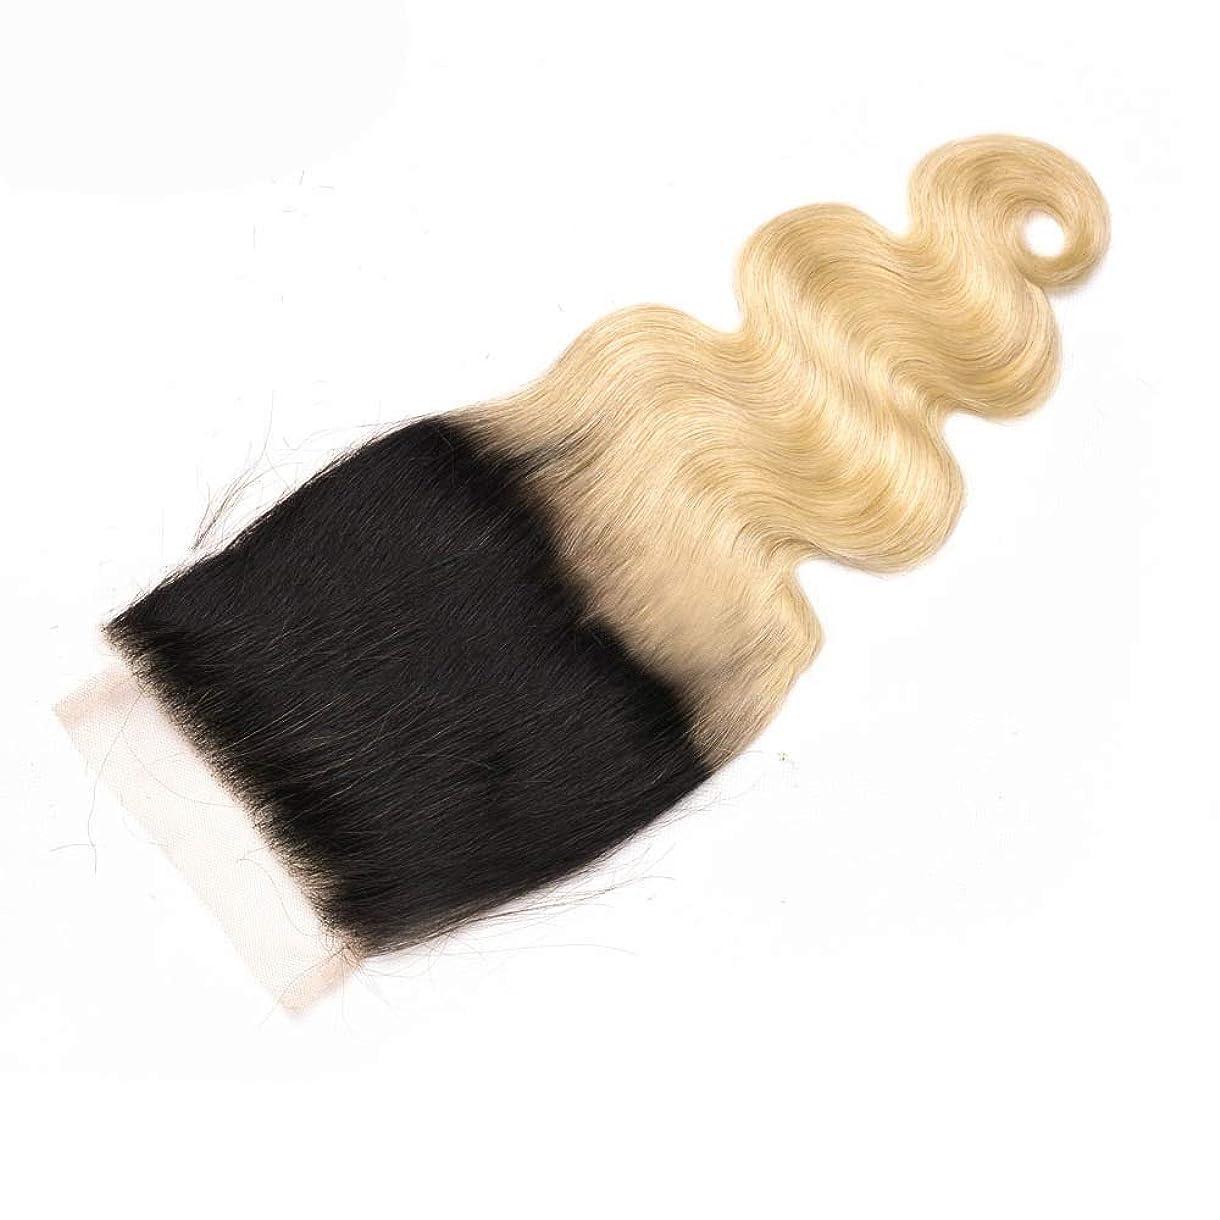 マカダムクラウド冬BOBIDYEE ブラジルの本物の人間の髪の実体波レース前頭閉鎖 - ブロンド2トーンカラーロールプレイングかつら女性の自然なかつらにT1b / 613#黒 (色 : Blonde, サイズ : 12 inch)